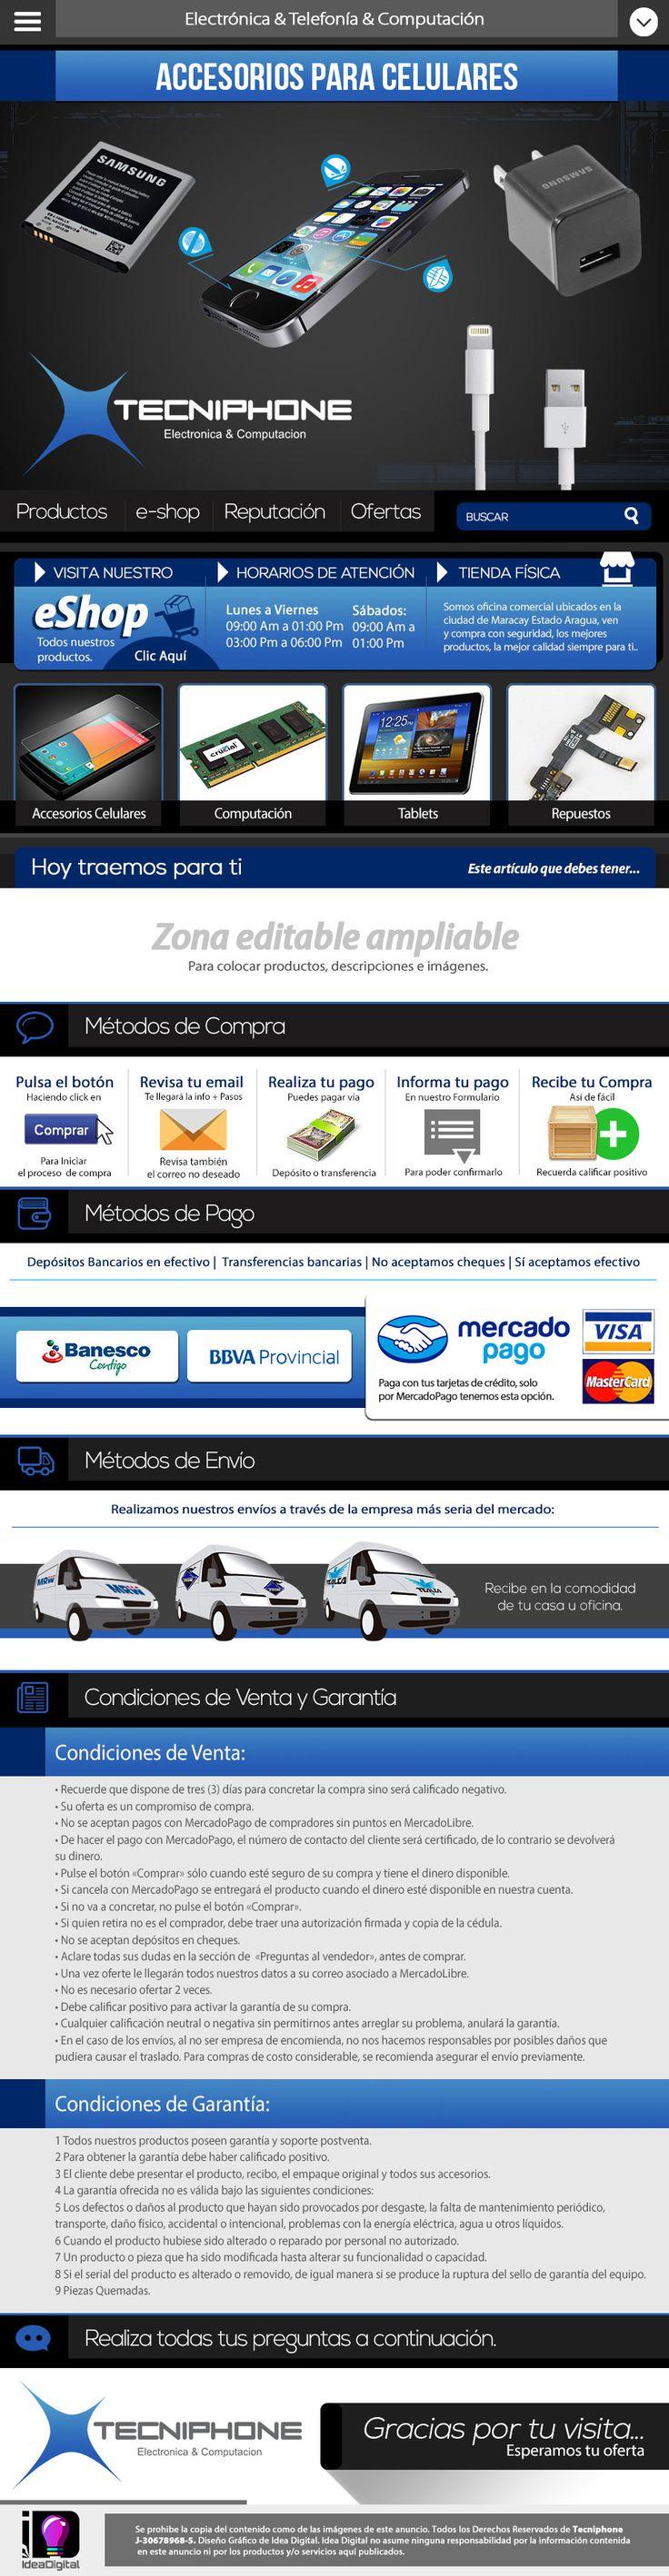 Idea Digital Diseño Páginas Web en Venezuela Plantillas Mercadolibre | Plantilla Editable Mercadolibre Tecniphone 2014